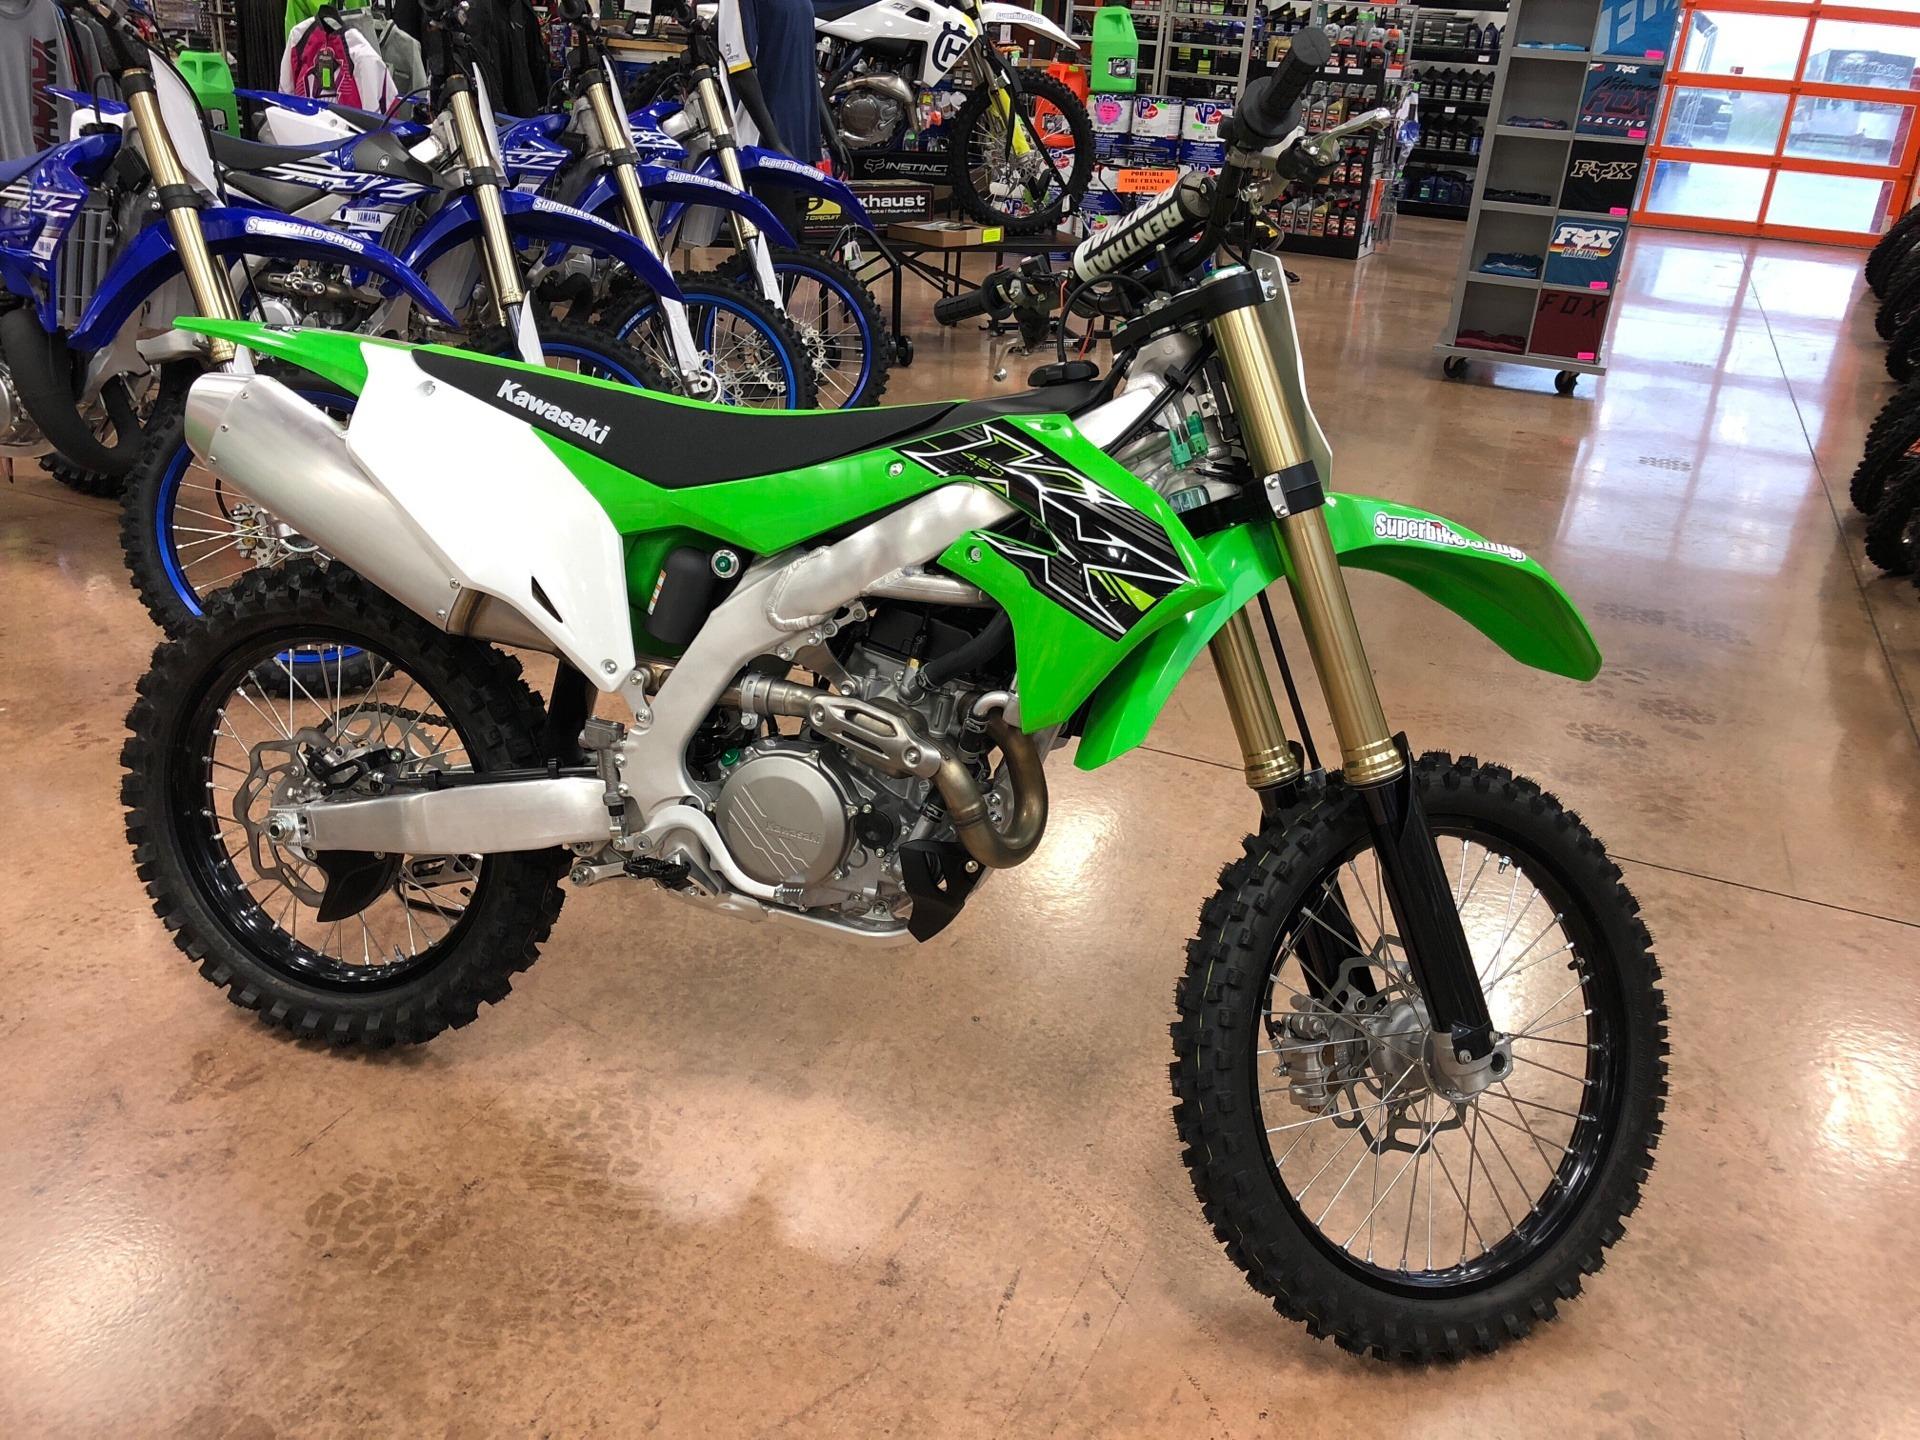 2019 Kawasaki KX 450 for sale 7444